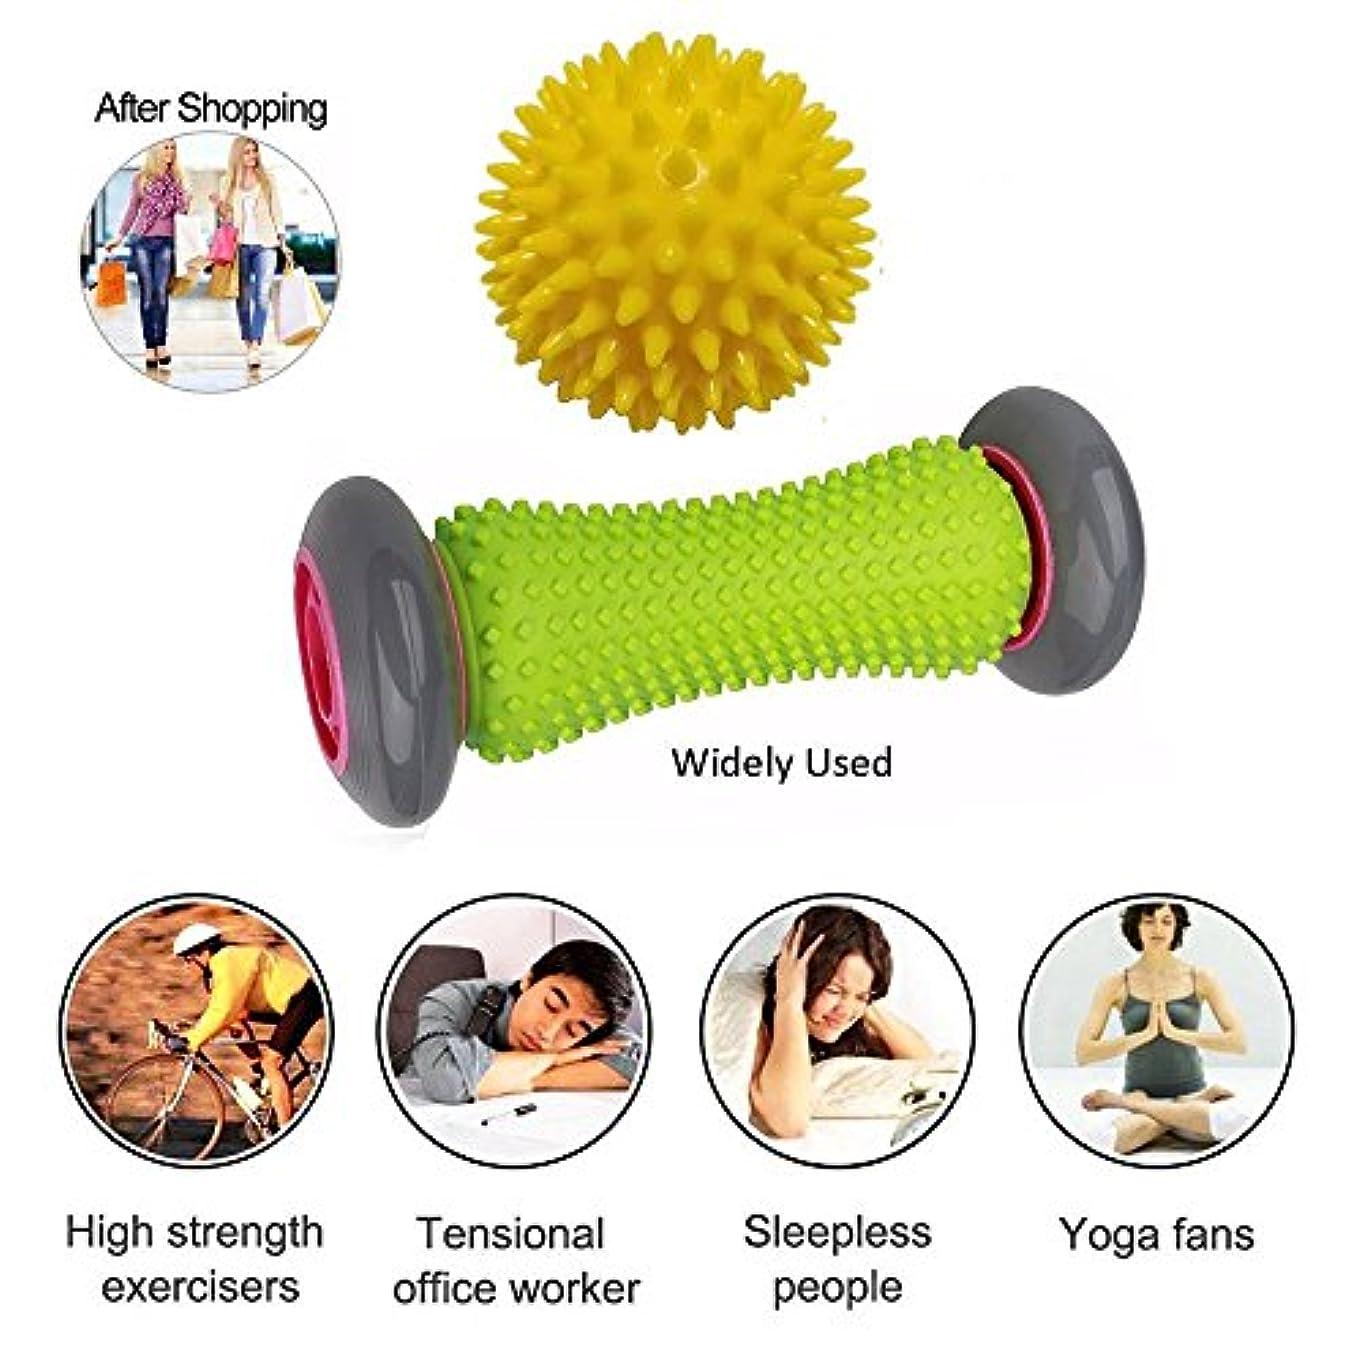 正確毒性ソフトウェアフットマッサージローラー - アメージングモール - 理想的な足の痛みの救済マッサージ - フットマッサージャーのためのヒールスパー - 効果的なローラーの足のローラーマッサージ - 推奨フットマッサージャーランナー -...